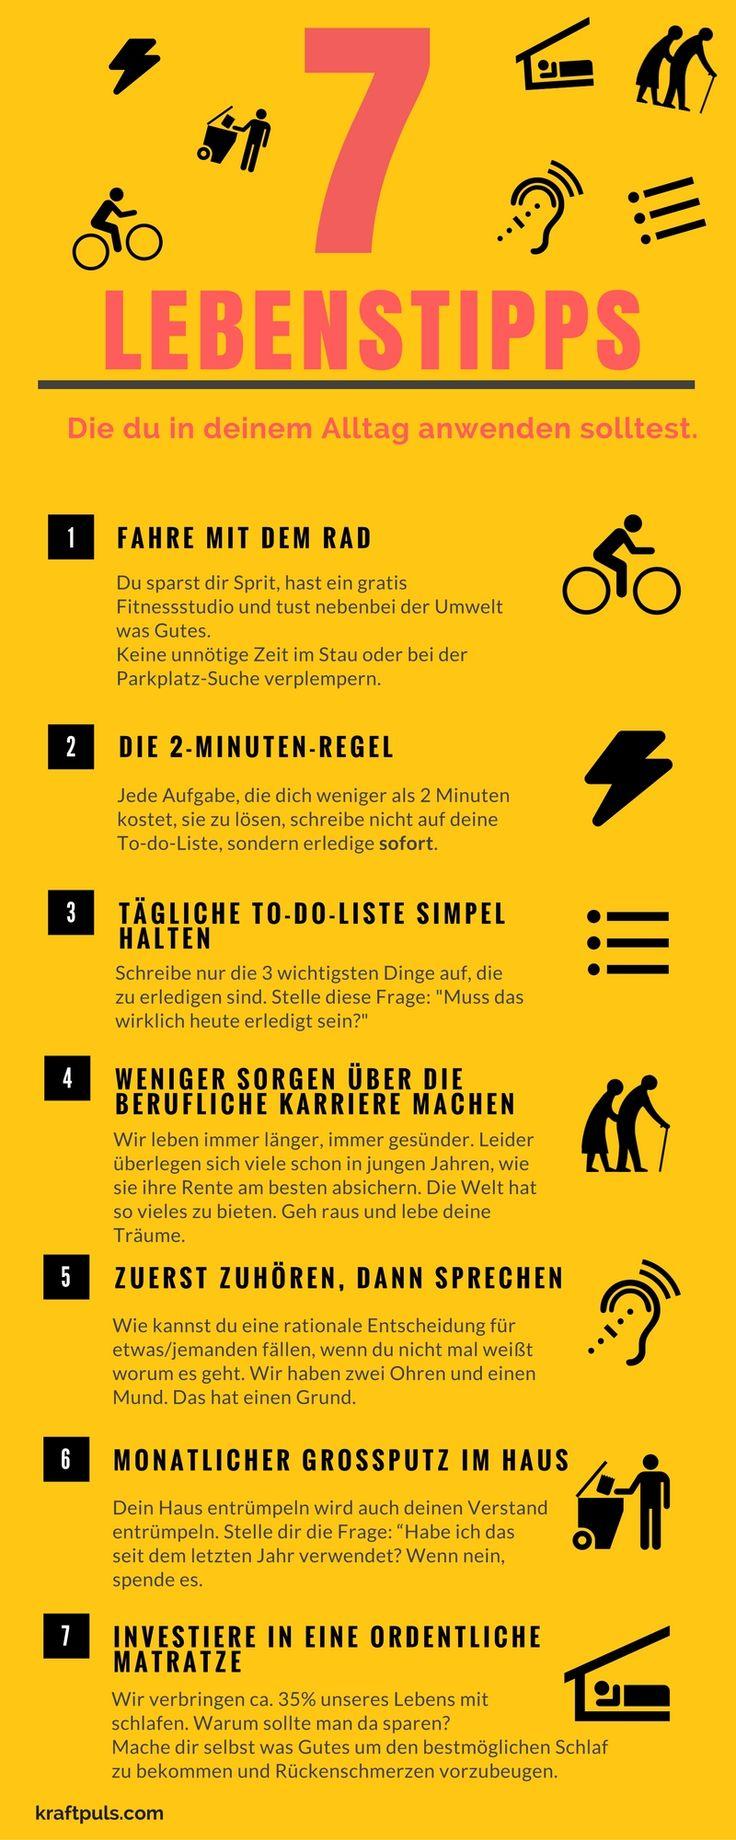 Diese Infografik zeigt dir 7 Tipps für ein leichteres und besseres Leben. Unter anderem warum du mit Radfahren anfangen solltest. #lifehacks #deutsch